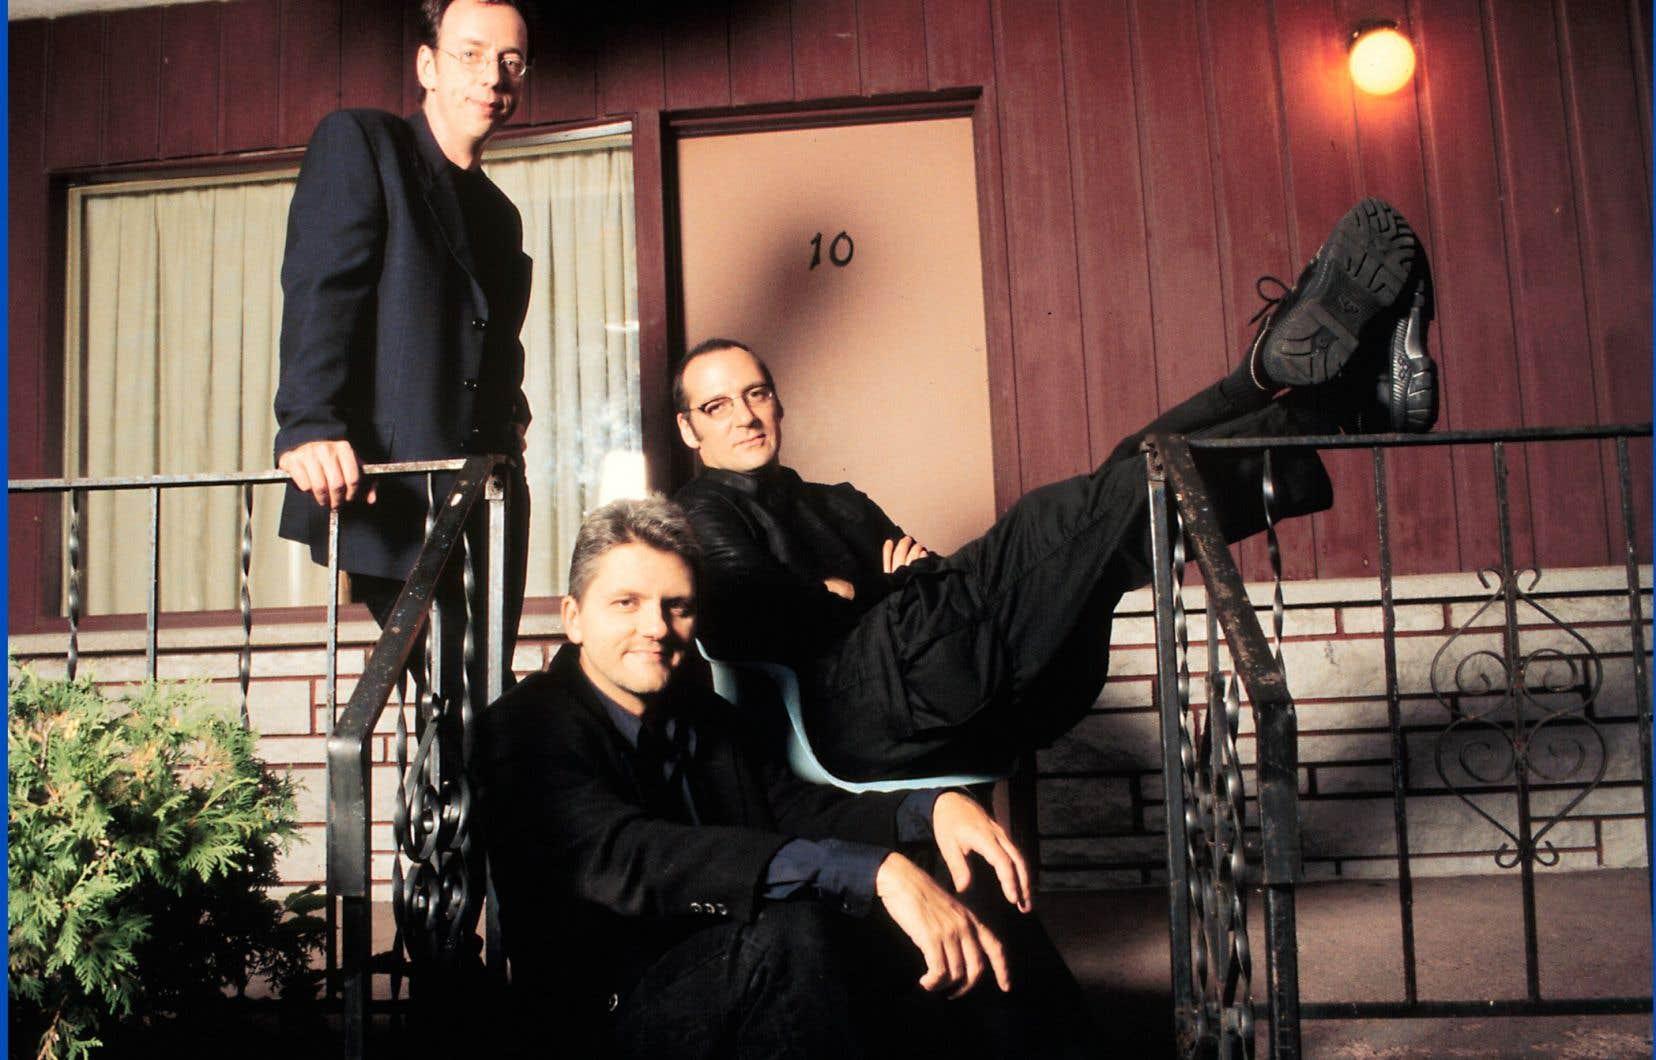 Automne 1998. Trois journalistes dans la mi-trentaine, tous associés au défunt hebdomadaire <em>Voir</em> — son rédacteur en chef, Richard Martineau (devant), le chef de sa section musique, Laurent Saulnier (centre), et un de ses collaborateurs vedettes, le romancier Benoît Dutrizac (à gauche) —, prennent l'antenne à Télé-Québec.